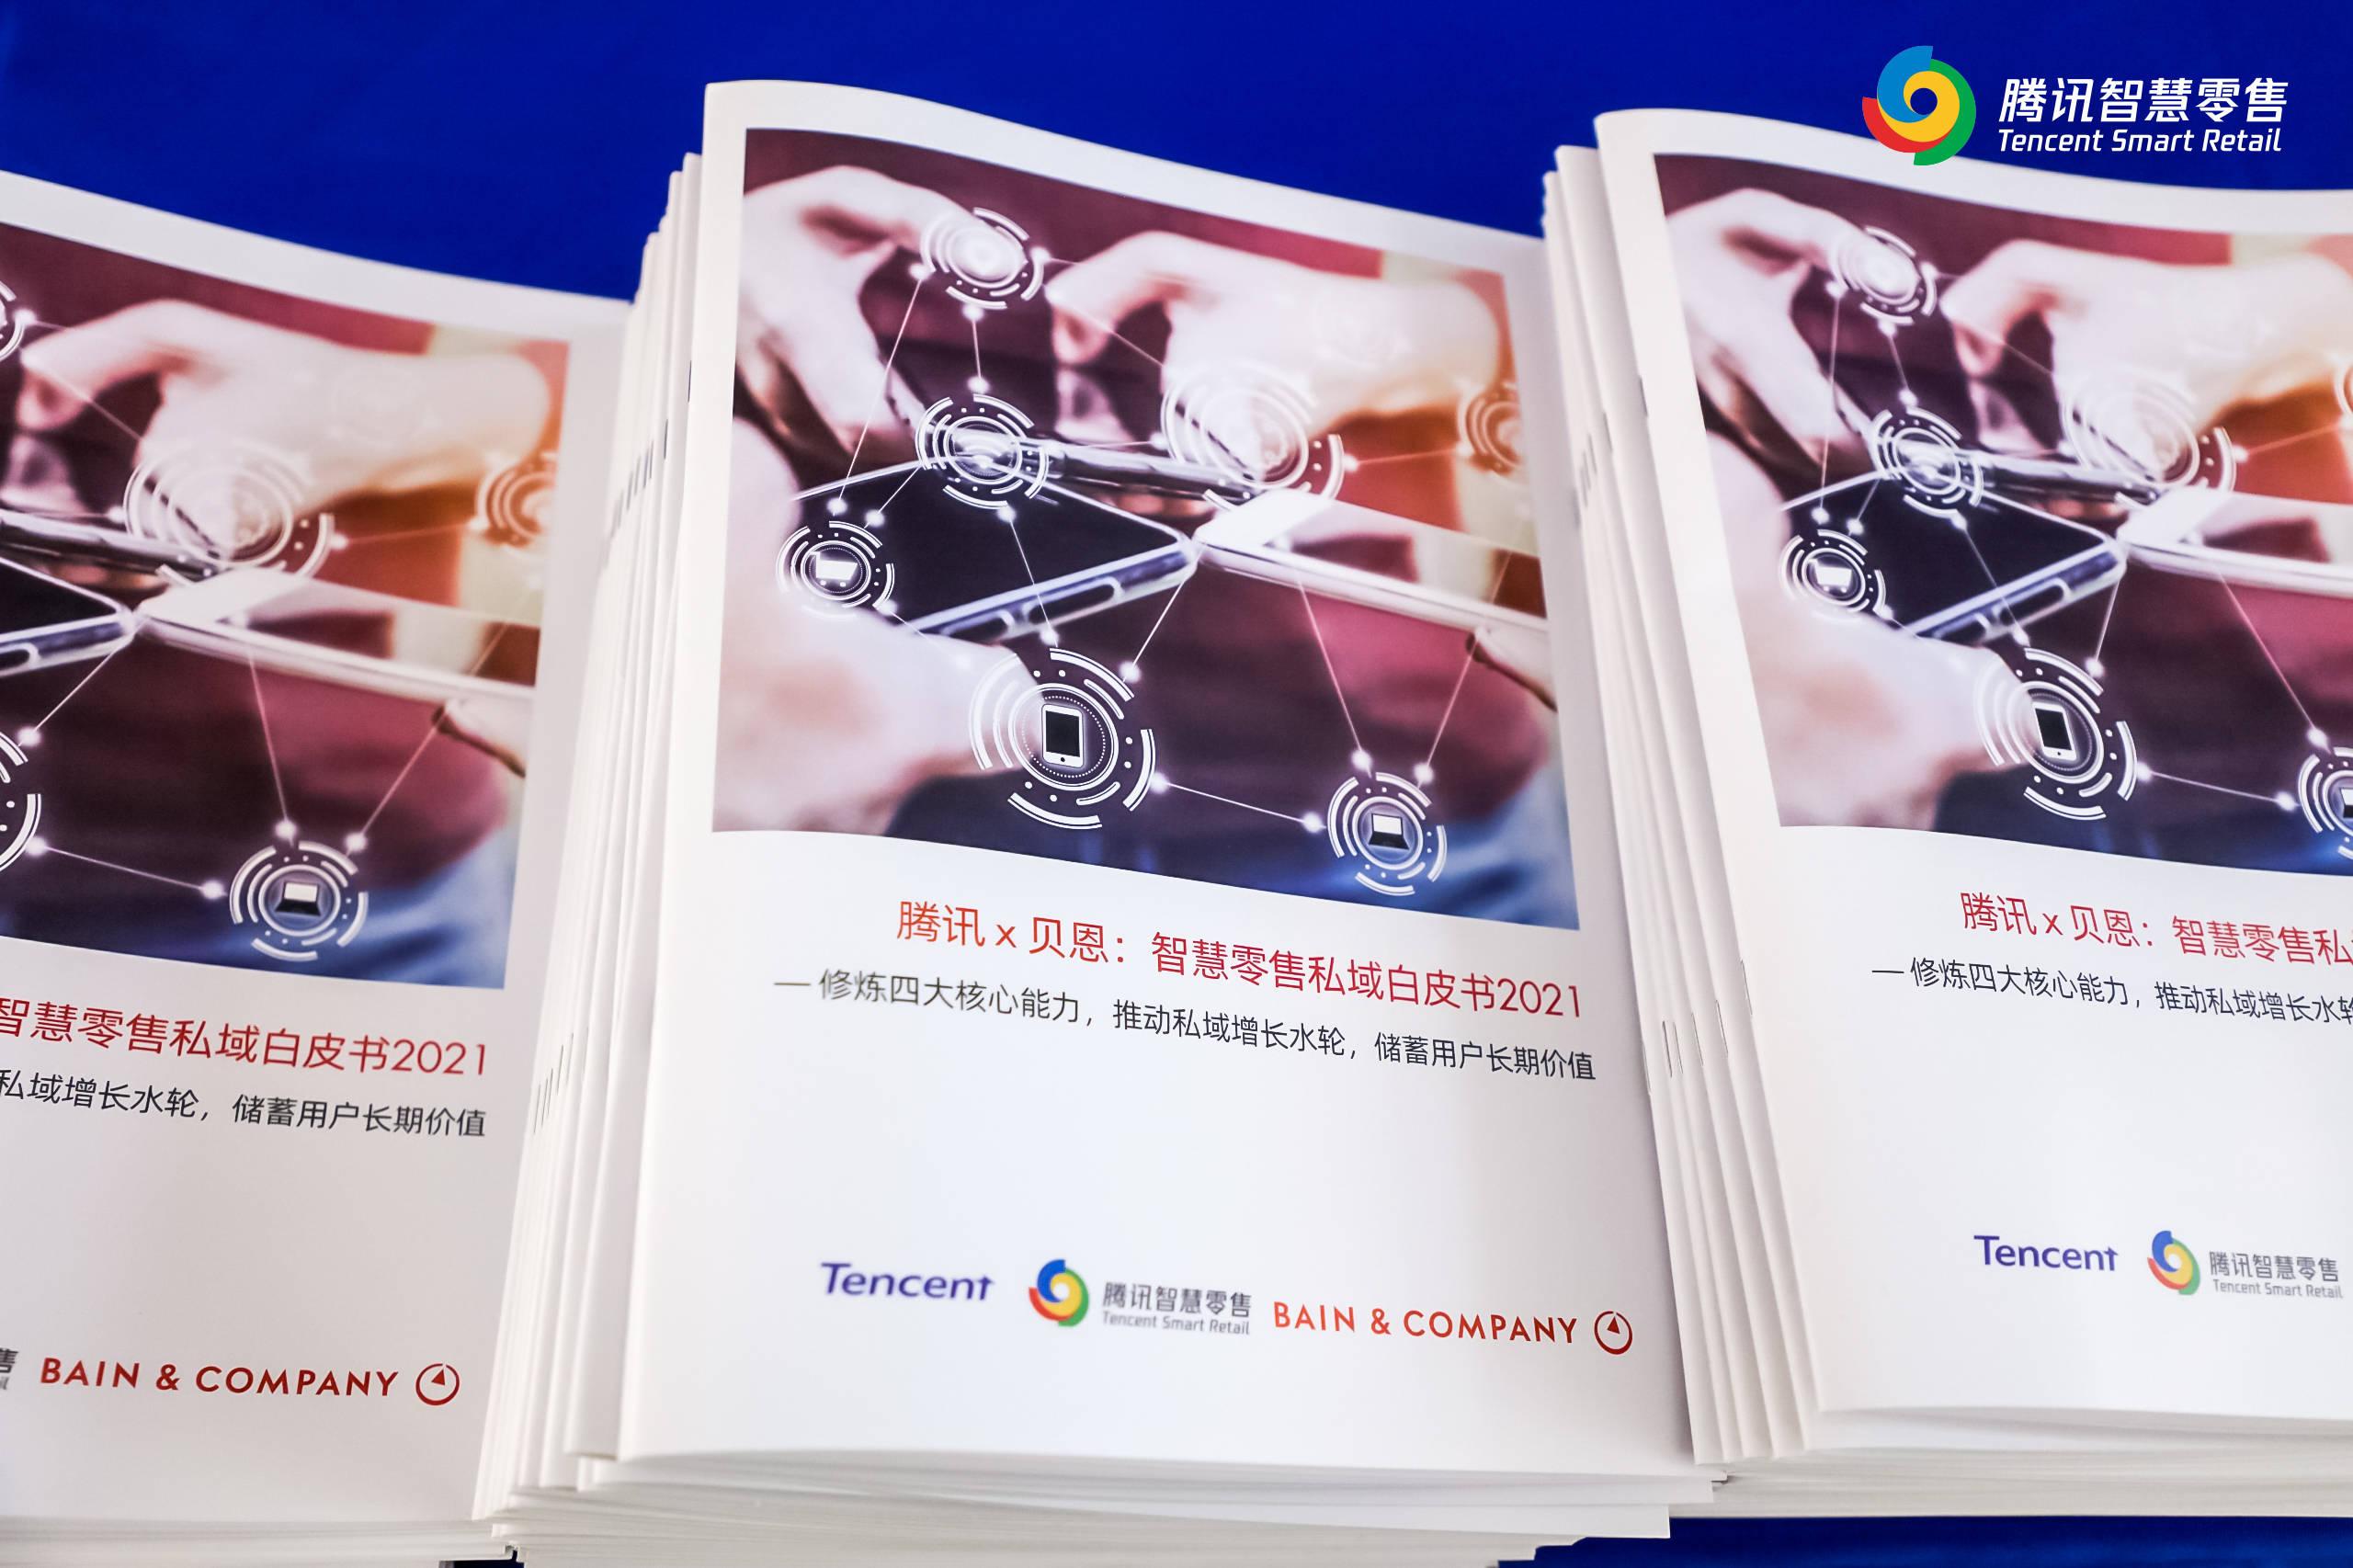 """騰訊智慧零售聯合貝恩發布《智慧零售私域白皮書2021》,共創""""私域增長水輪"""""""